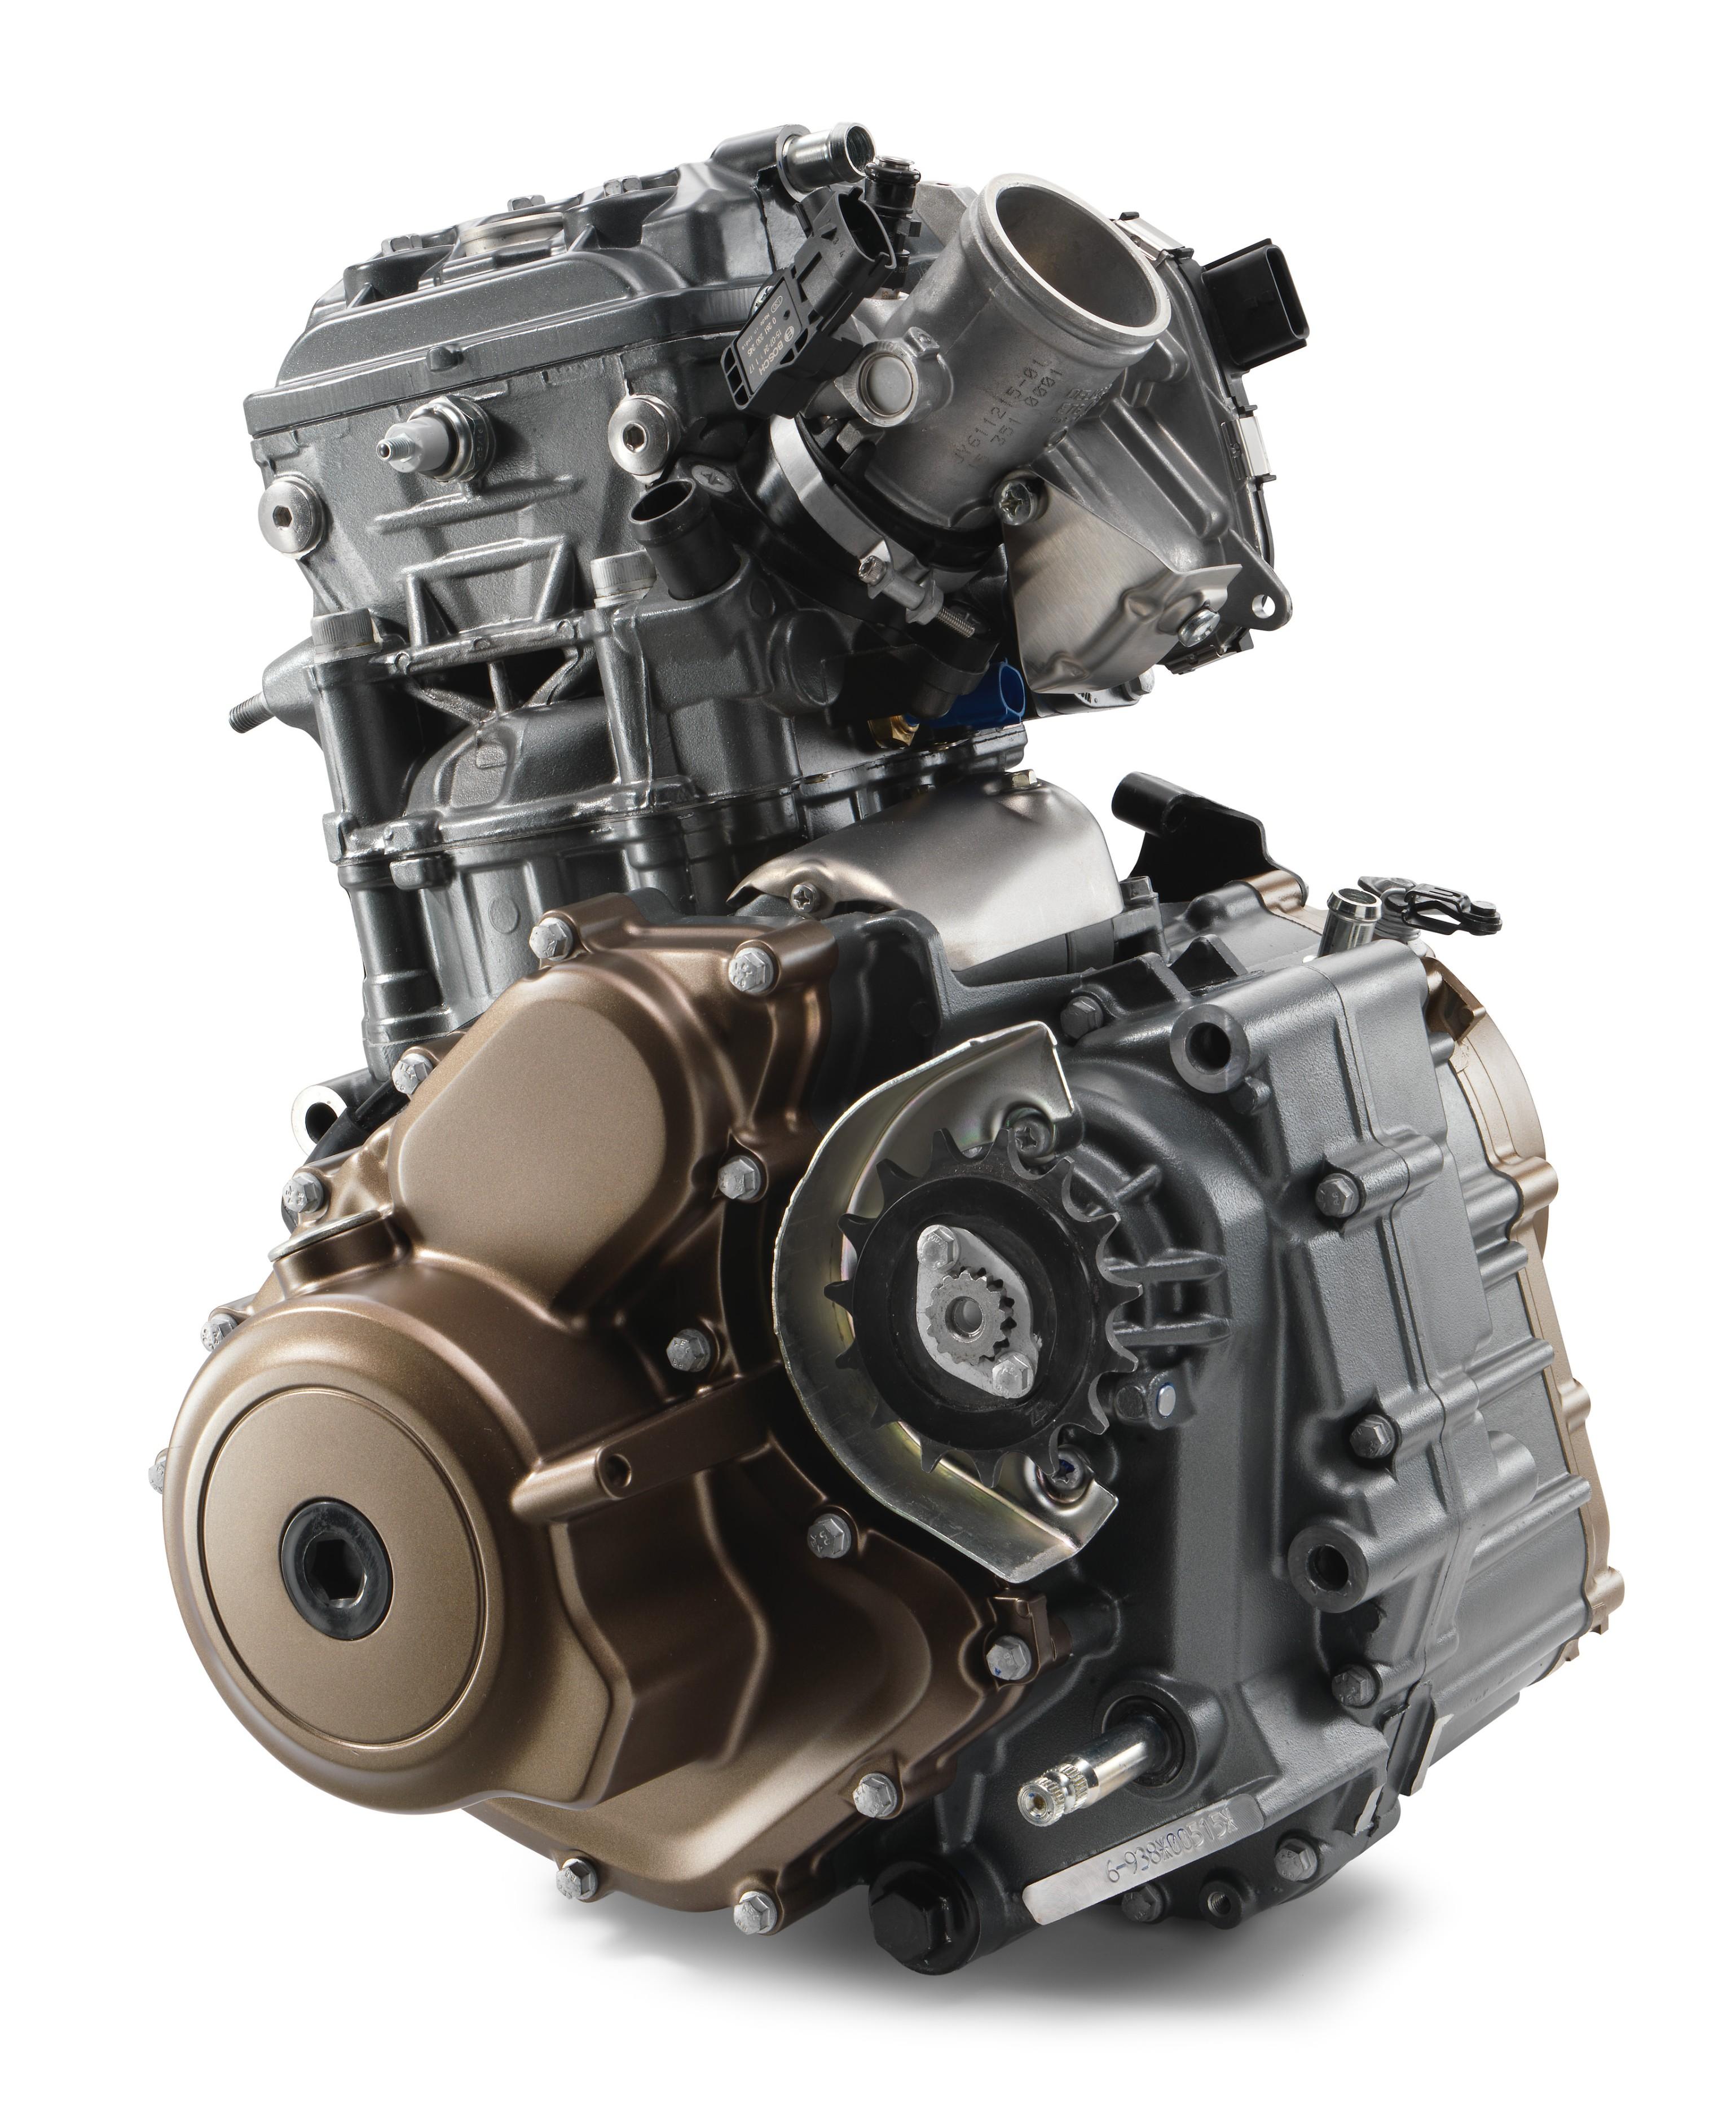 il motore DOHC della nuova creatura Husqvarna